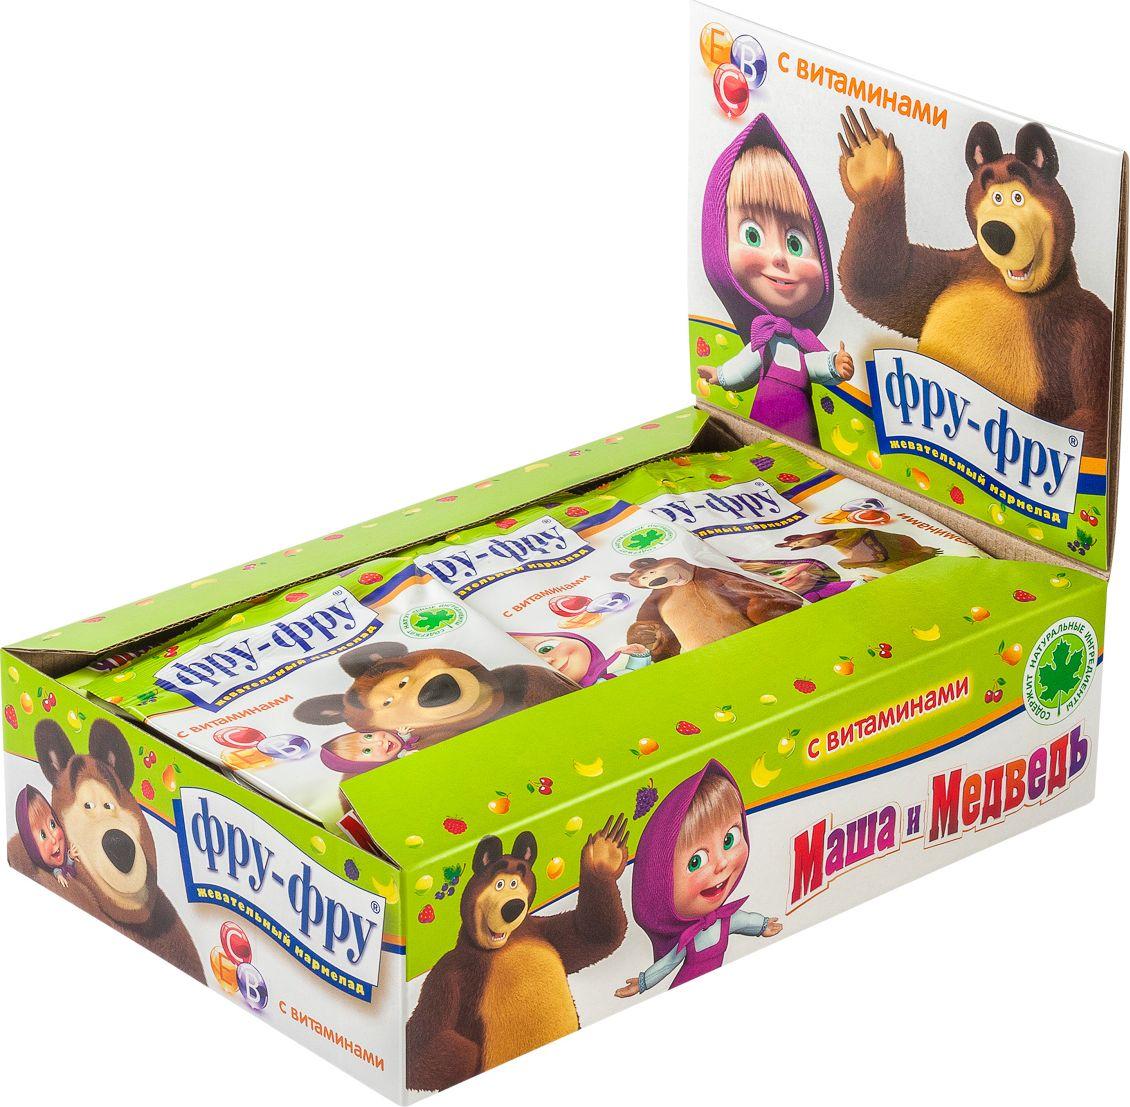 Фру-Фру Маша и Медведь Азбука мармелад жевательный с витаминами, 720 г (24 шт) бумба крутые виражи жевательный мармелад 105 г